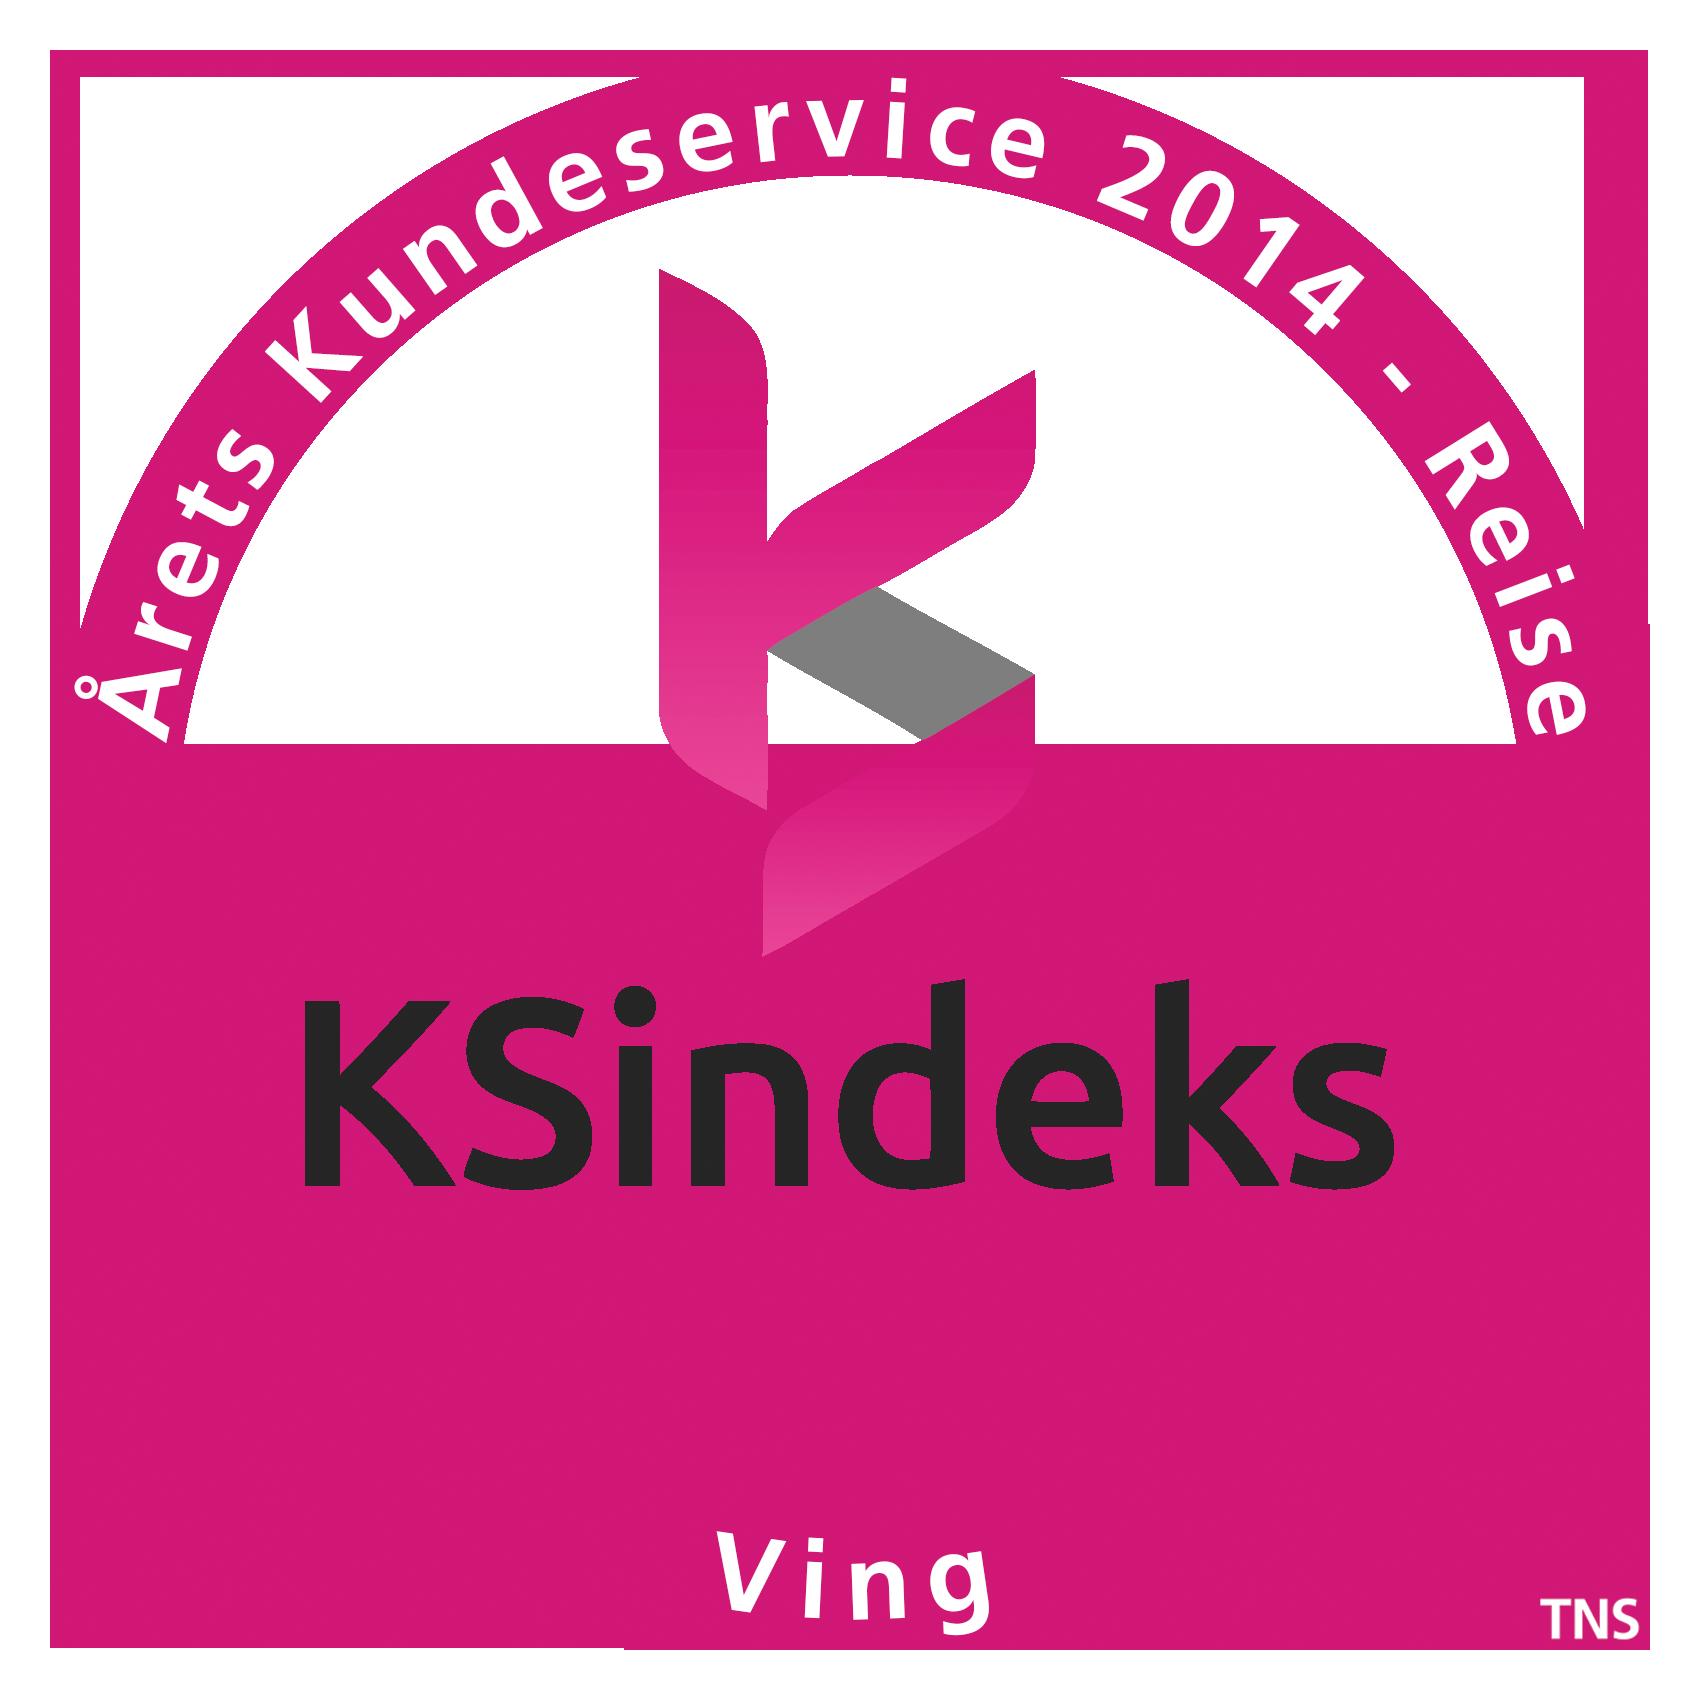 kundeserviceprisen logo